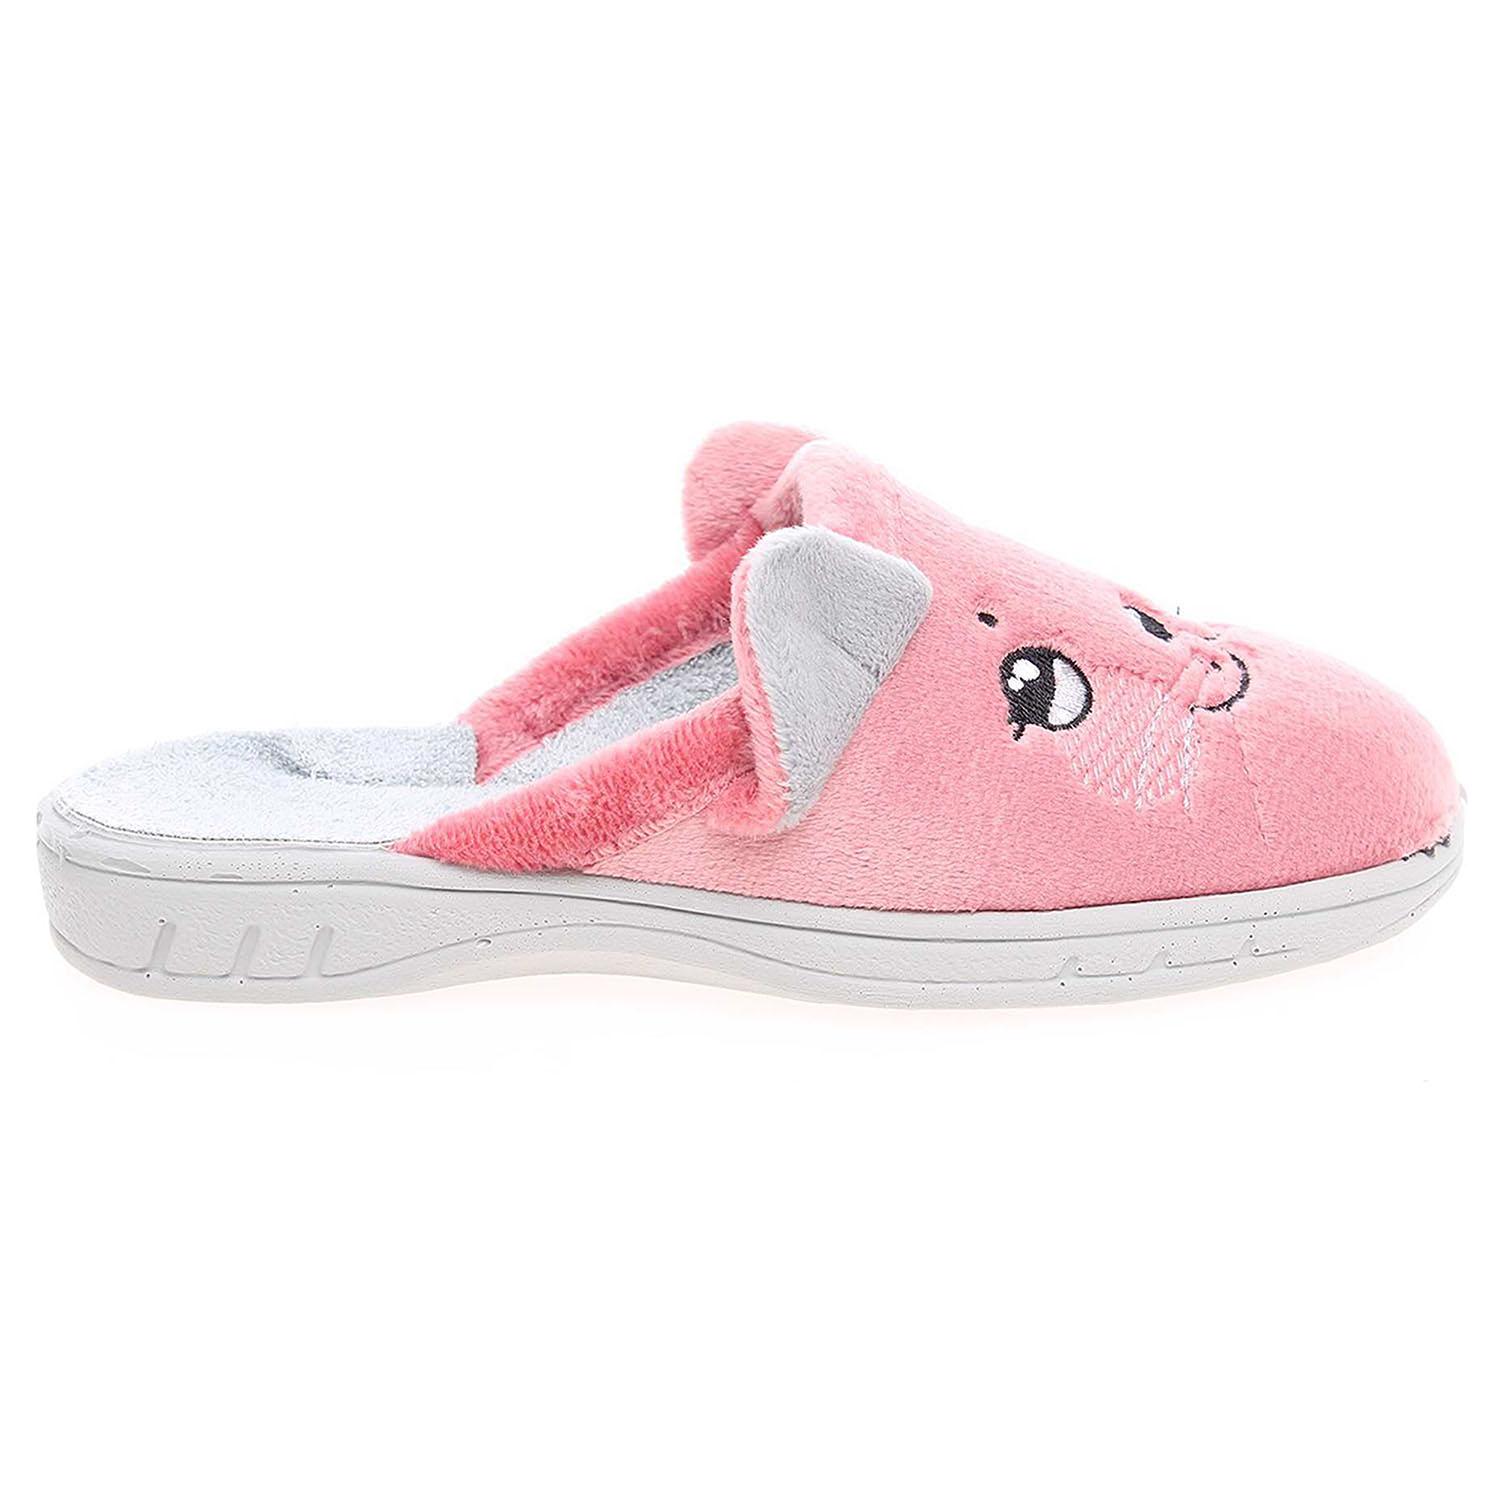 Befado dívčí domácí pantofle 707X386 růžové 29